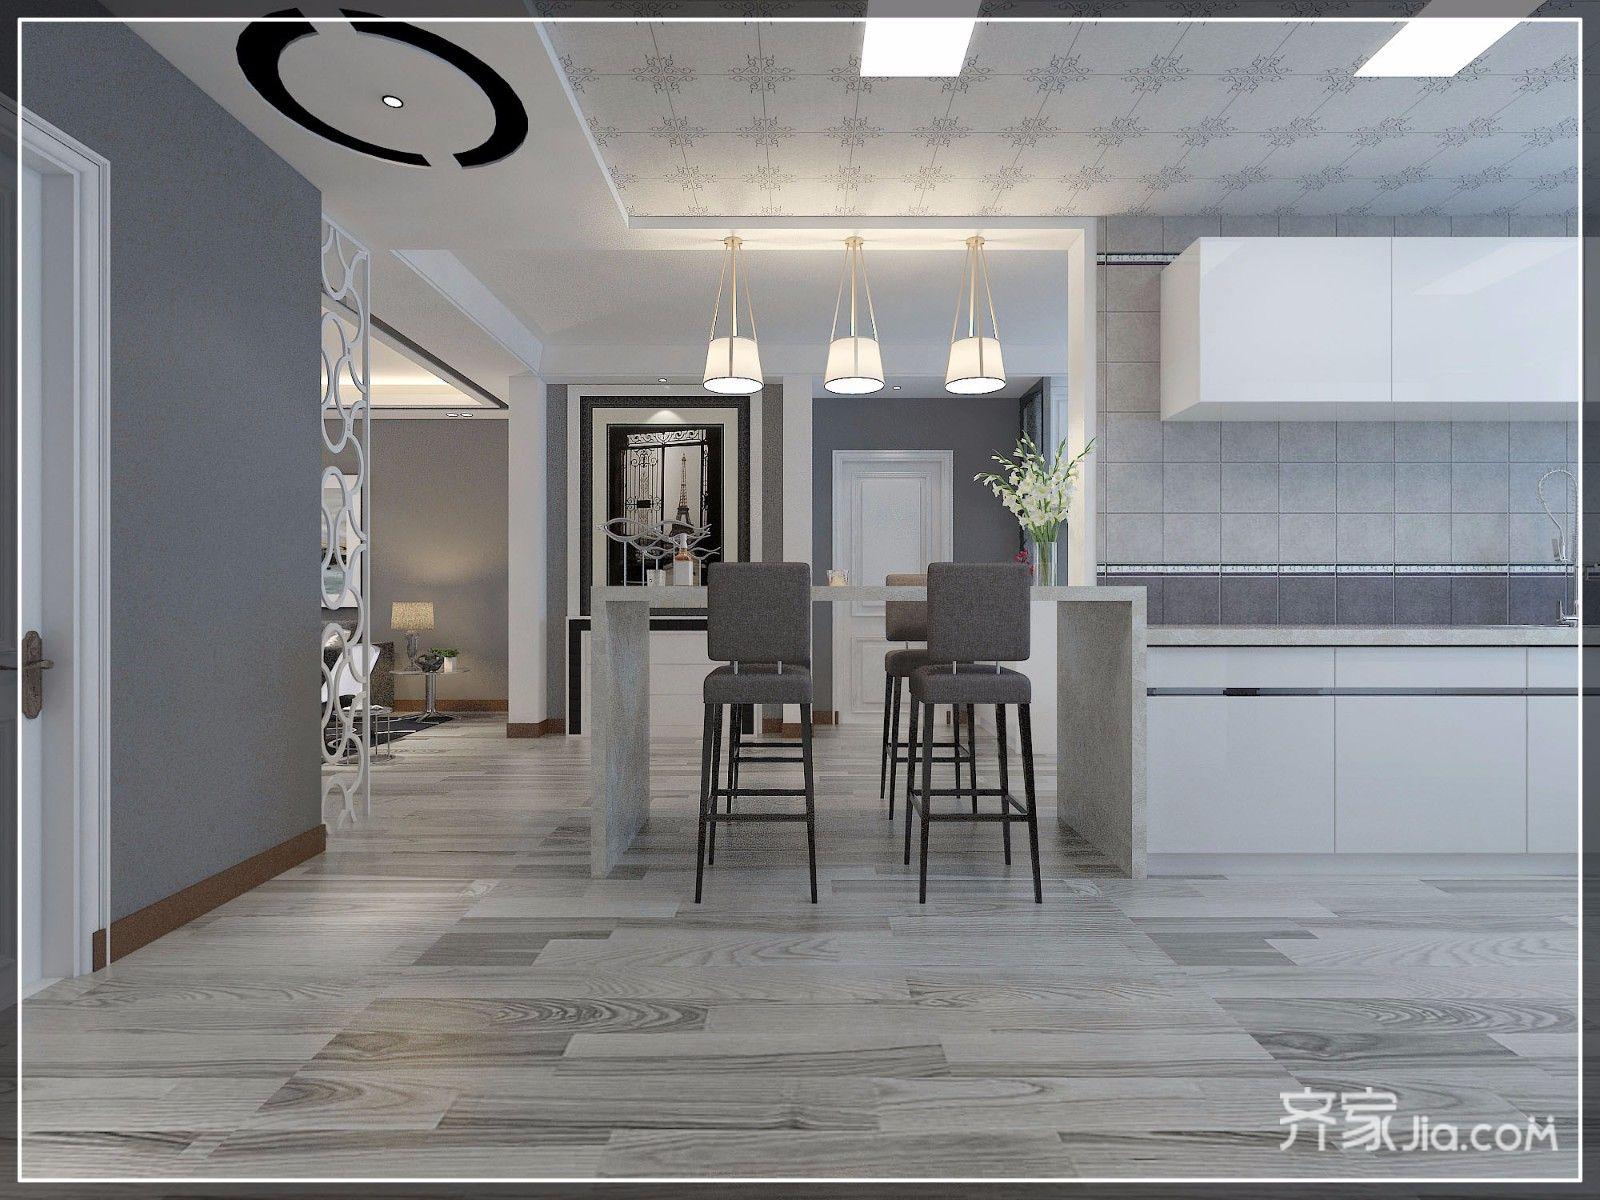 140㎡现代三居室吧台装修效果图